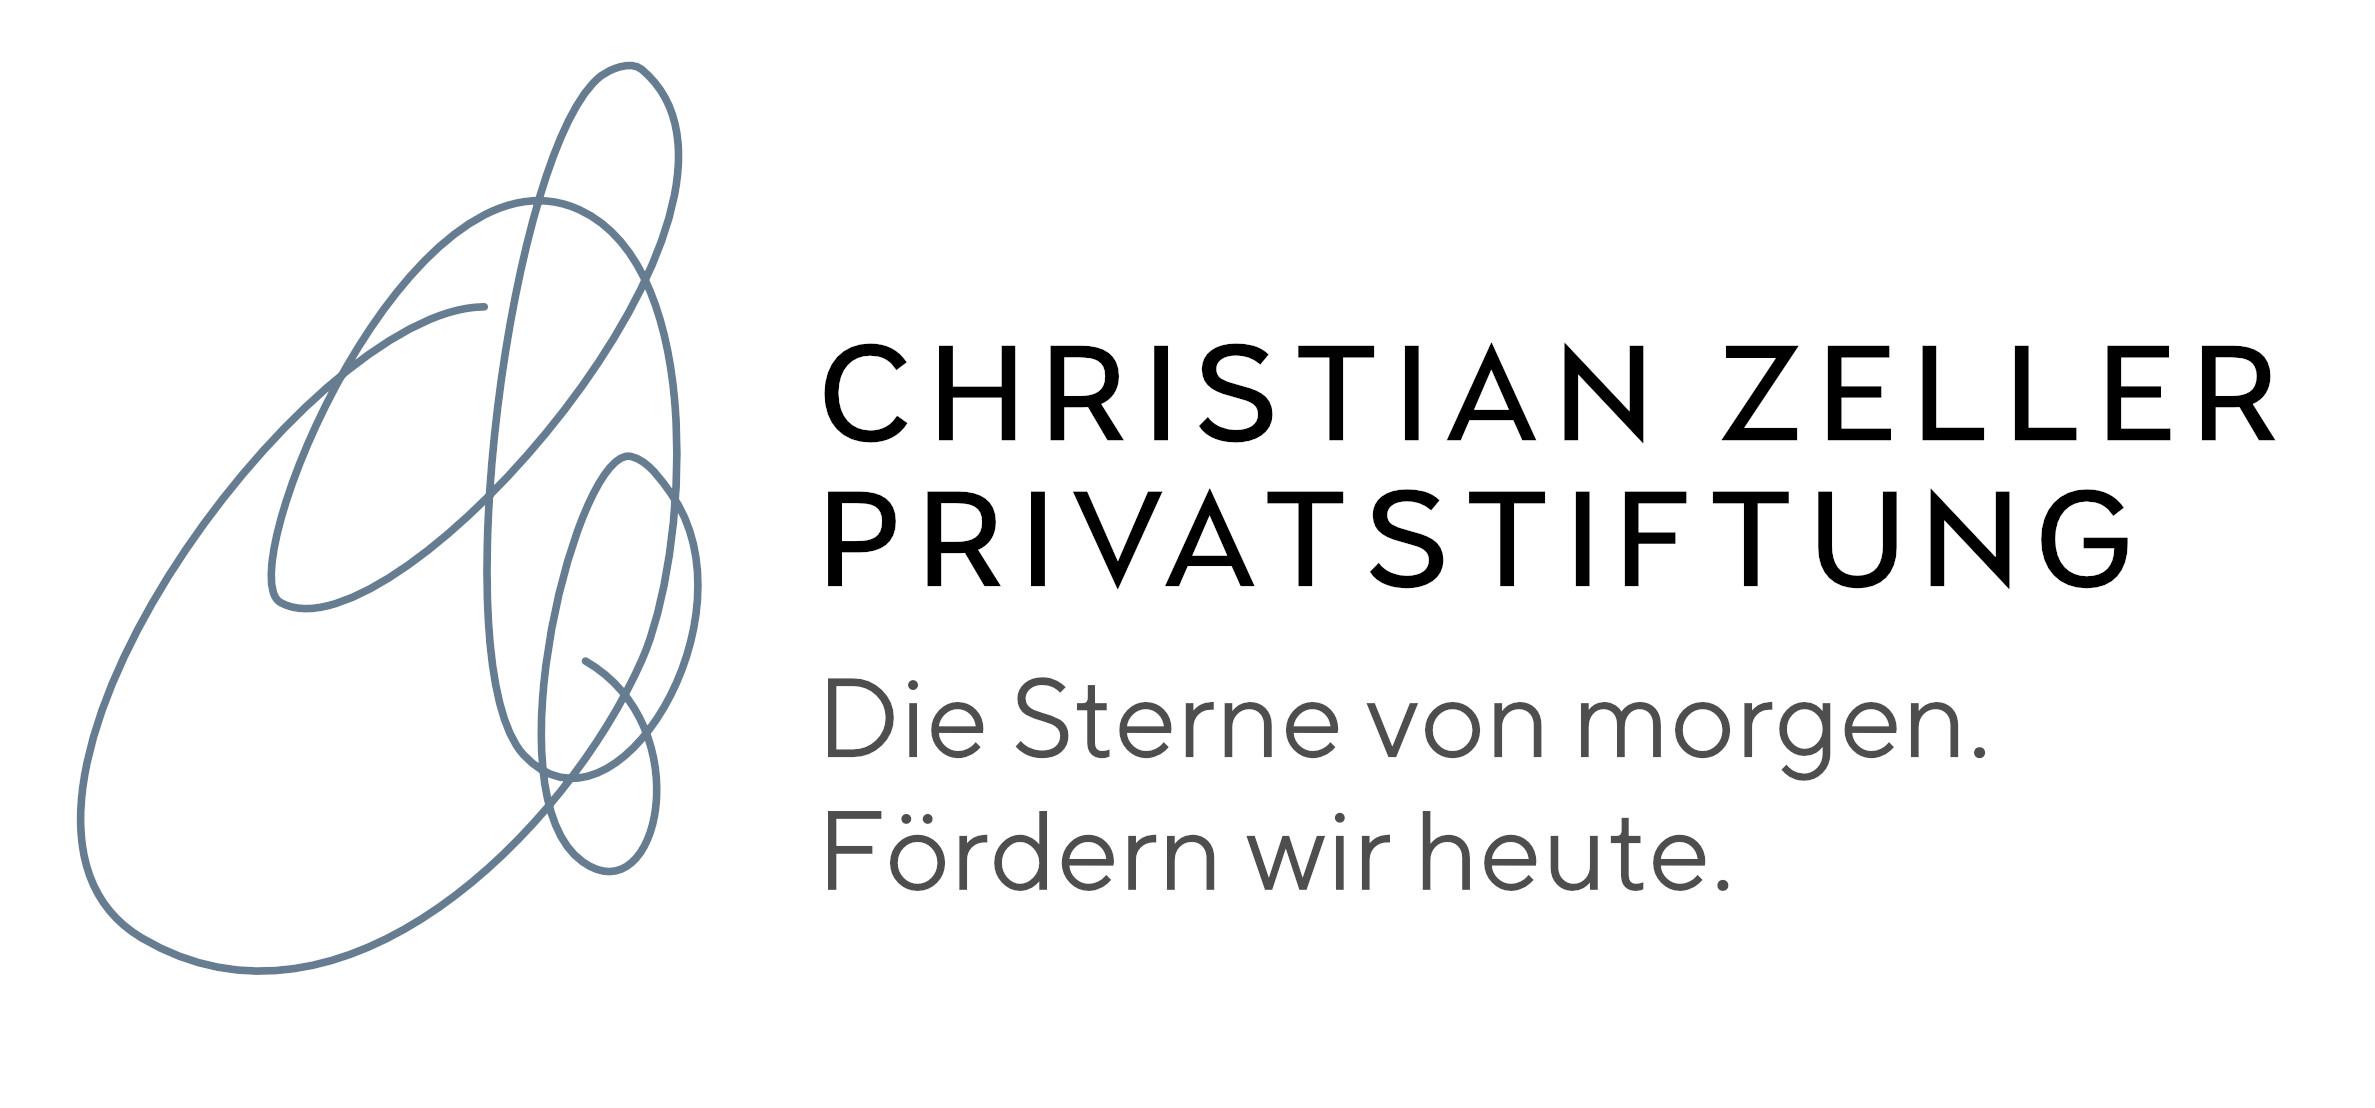 Christian Zeller